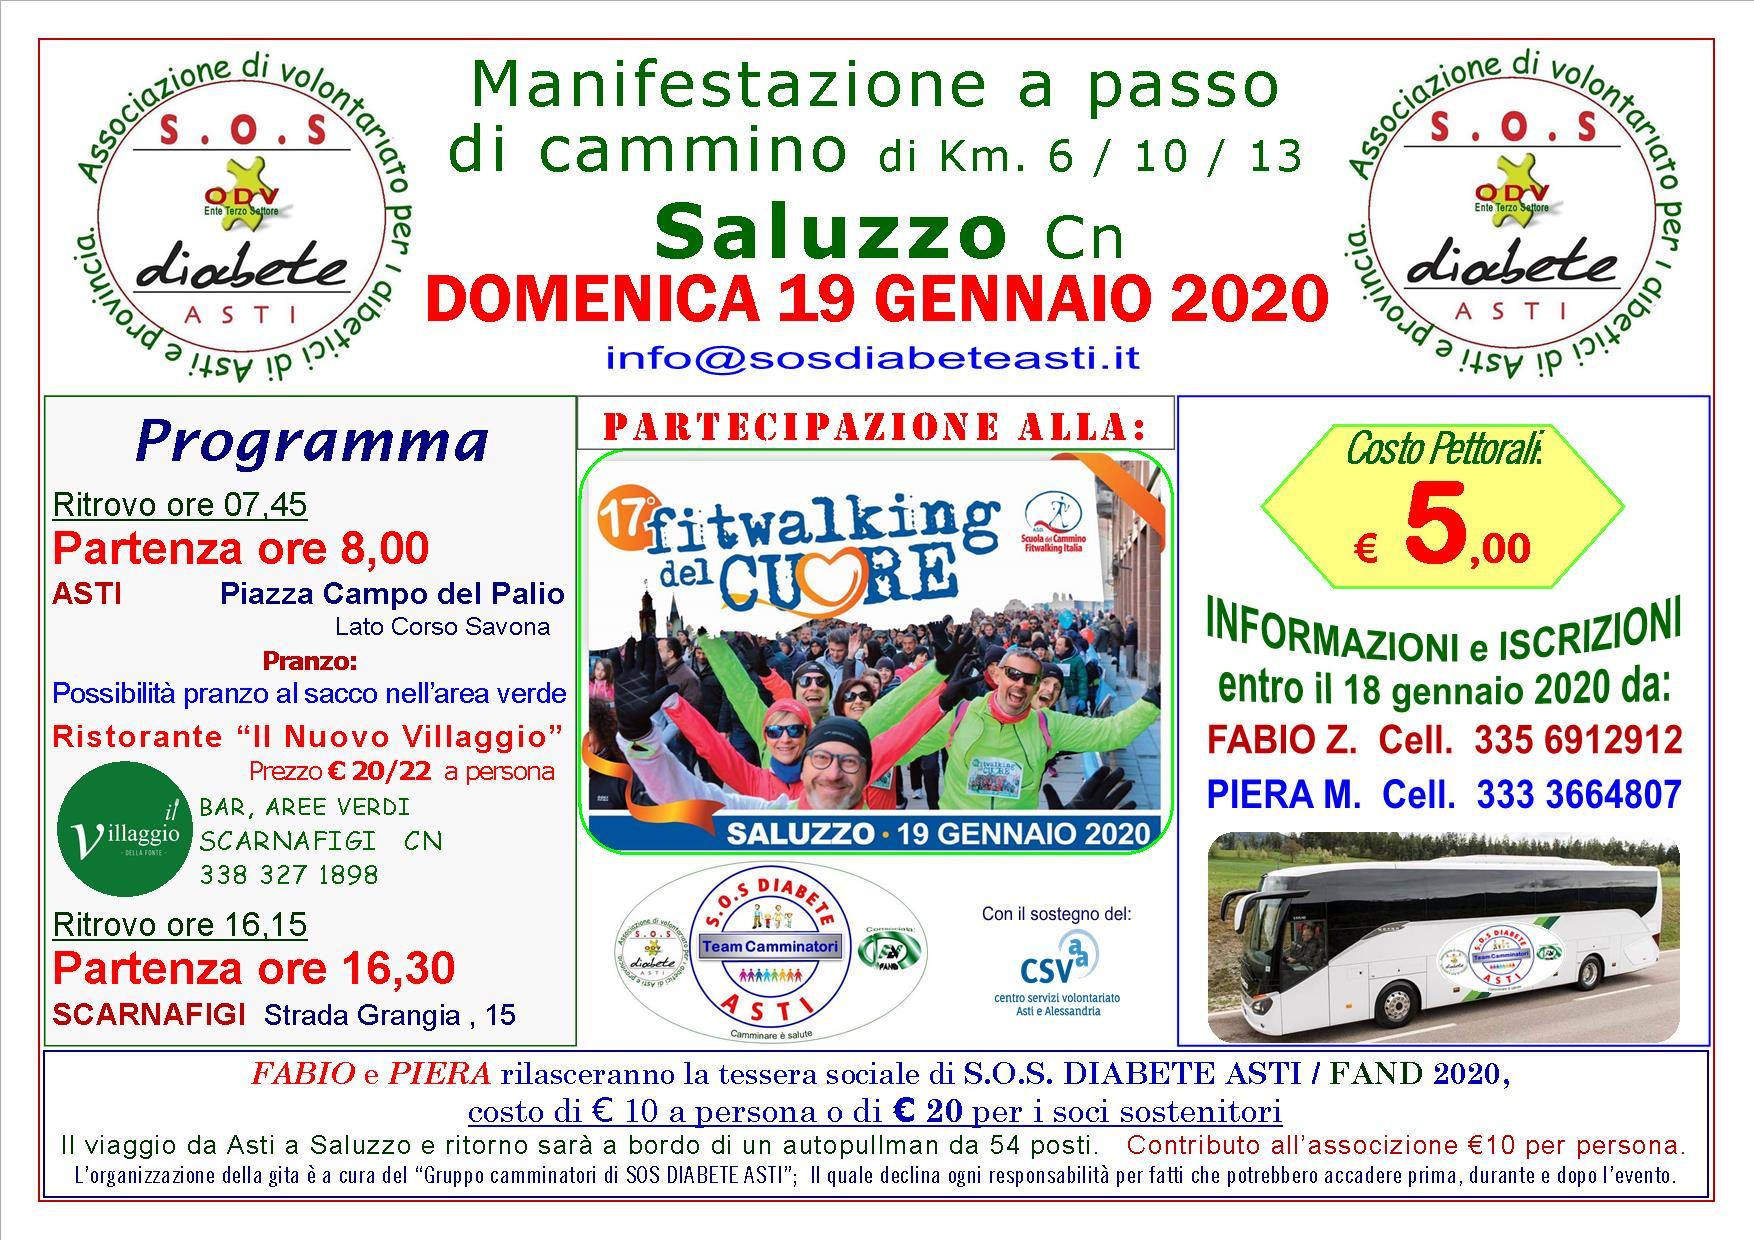 Manifestazione a passo di cammino – Saluzzo (CN)